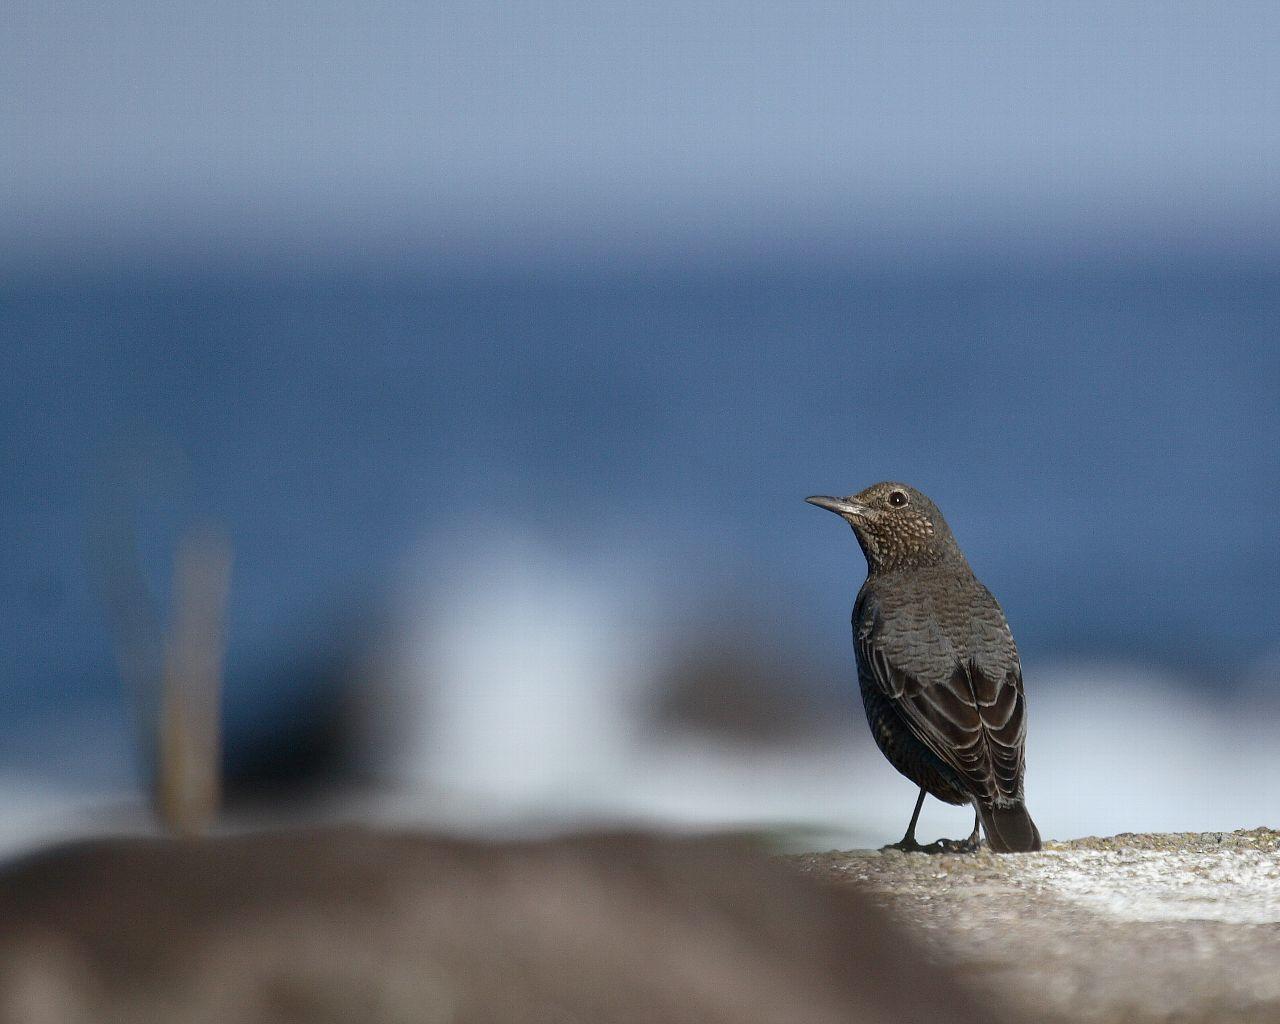 磯の鳥らしい写真が撮れました。_f0105570_21333962.jpg